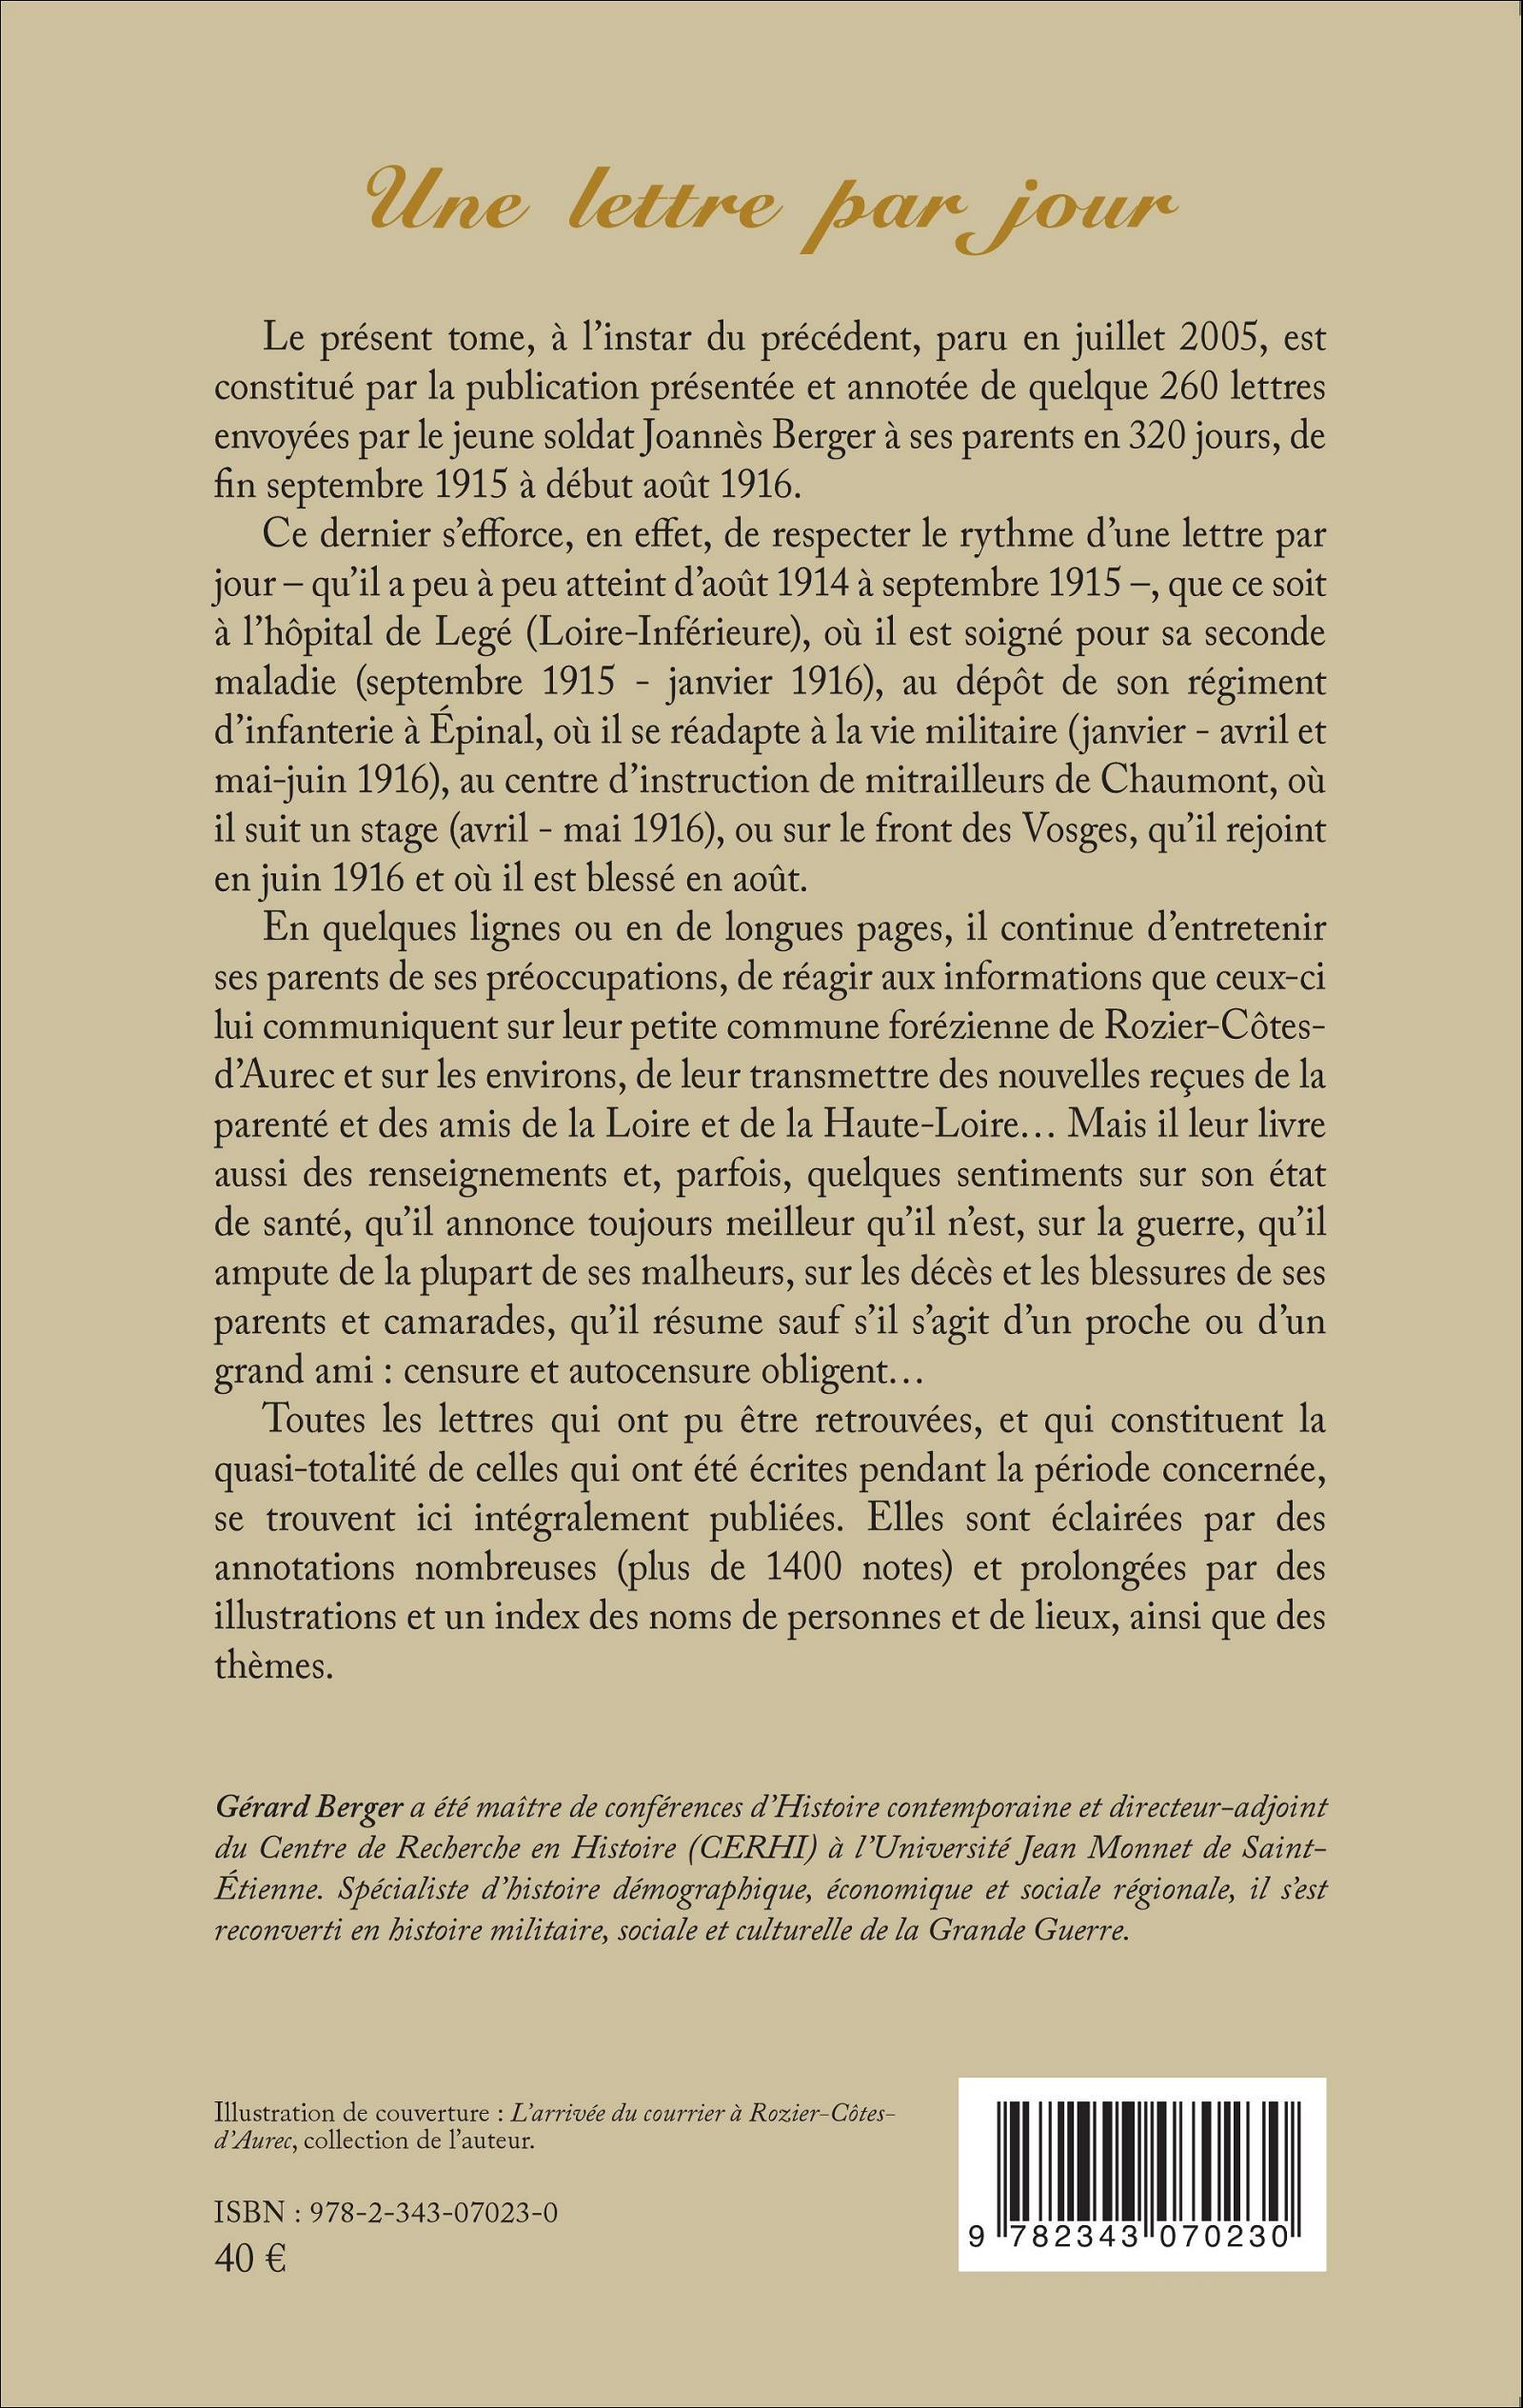 Une lettre par jour correspondance de joann s berger for Catalogue de jardinage par correspondance